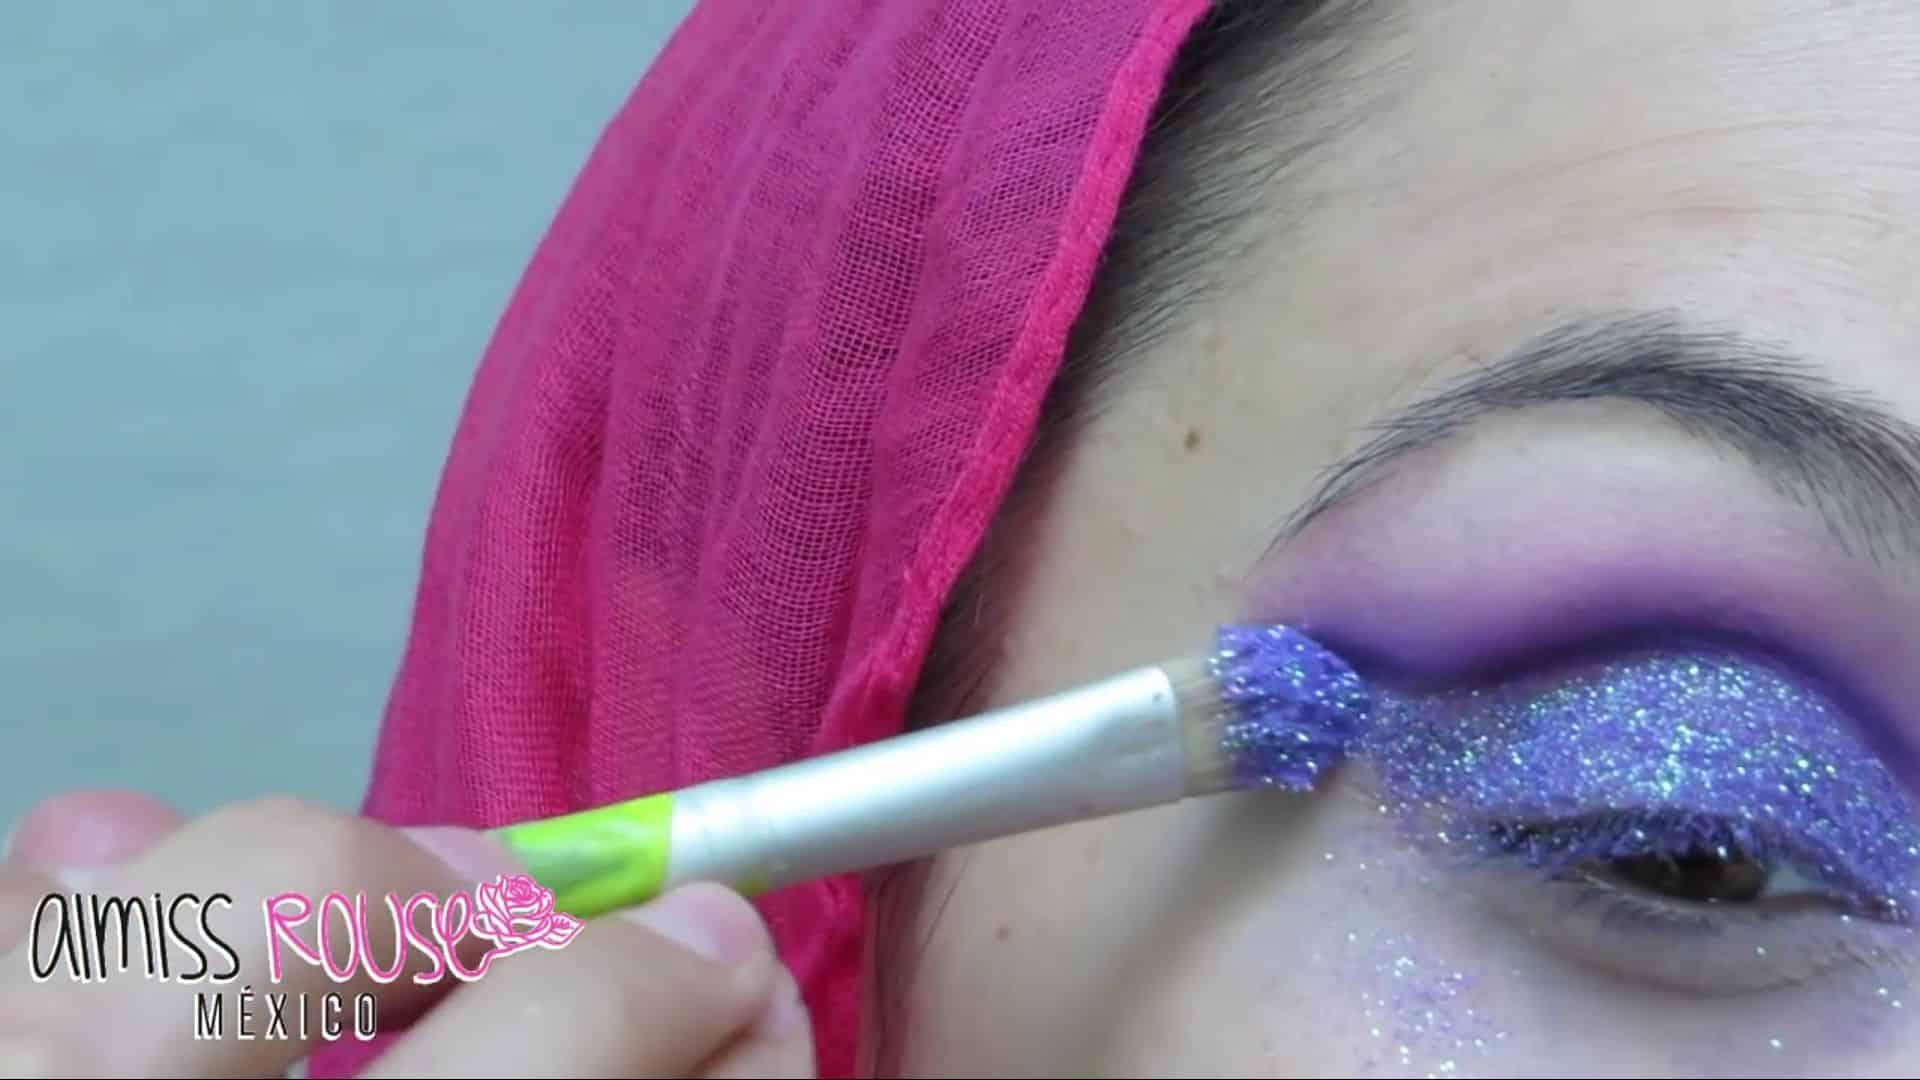 Paso a paso maquillaje Árabe almiss rouse 2020, aplicar escarcha en el párpado.